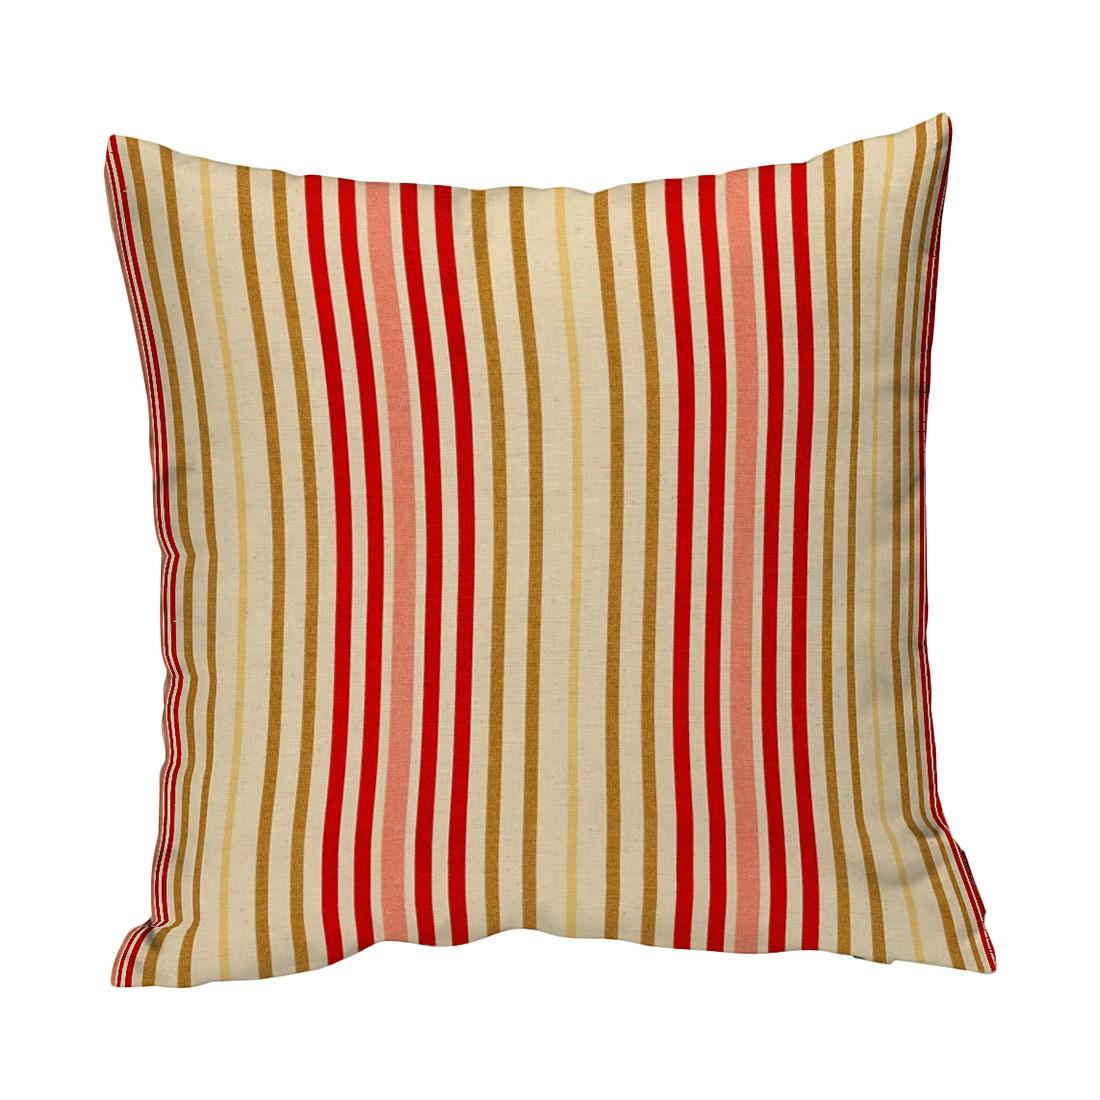 Kissenhülle - Rote Streifen Beige - 60x60 cm, Dekoria